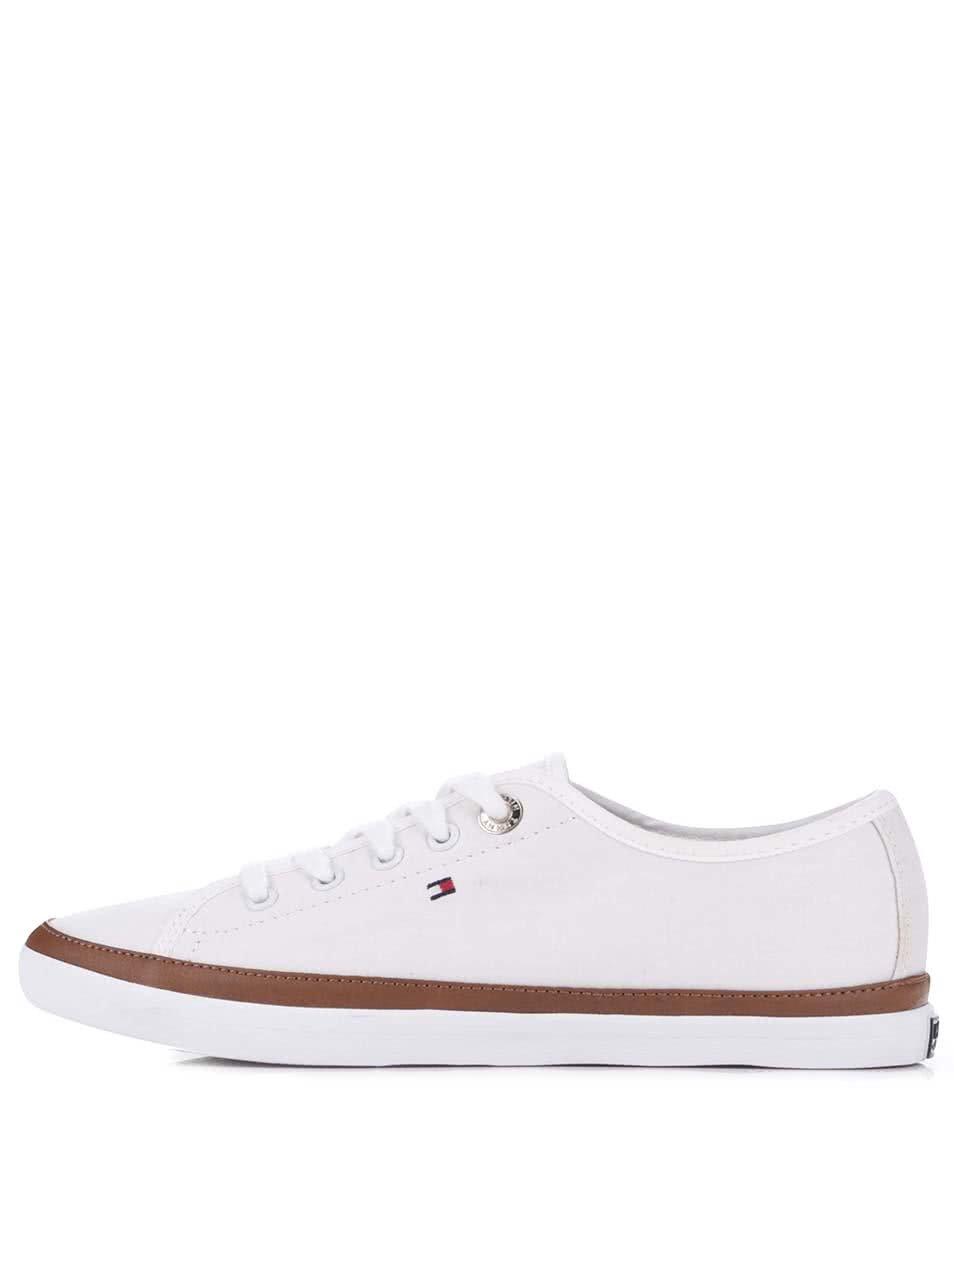 Biele dámske plátené tenisky Tommy Hilfiger ... d878d2860e